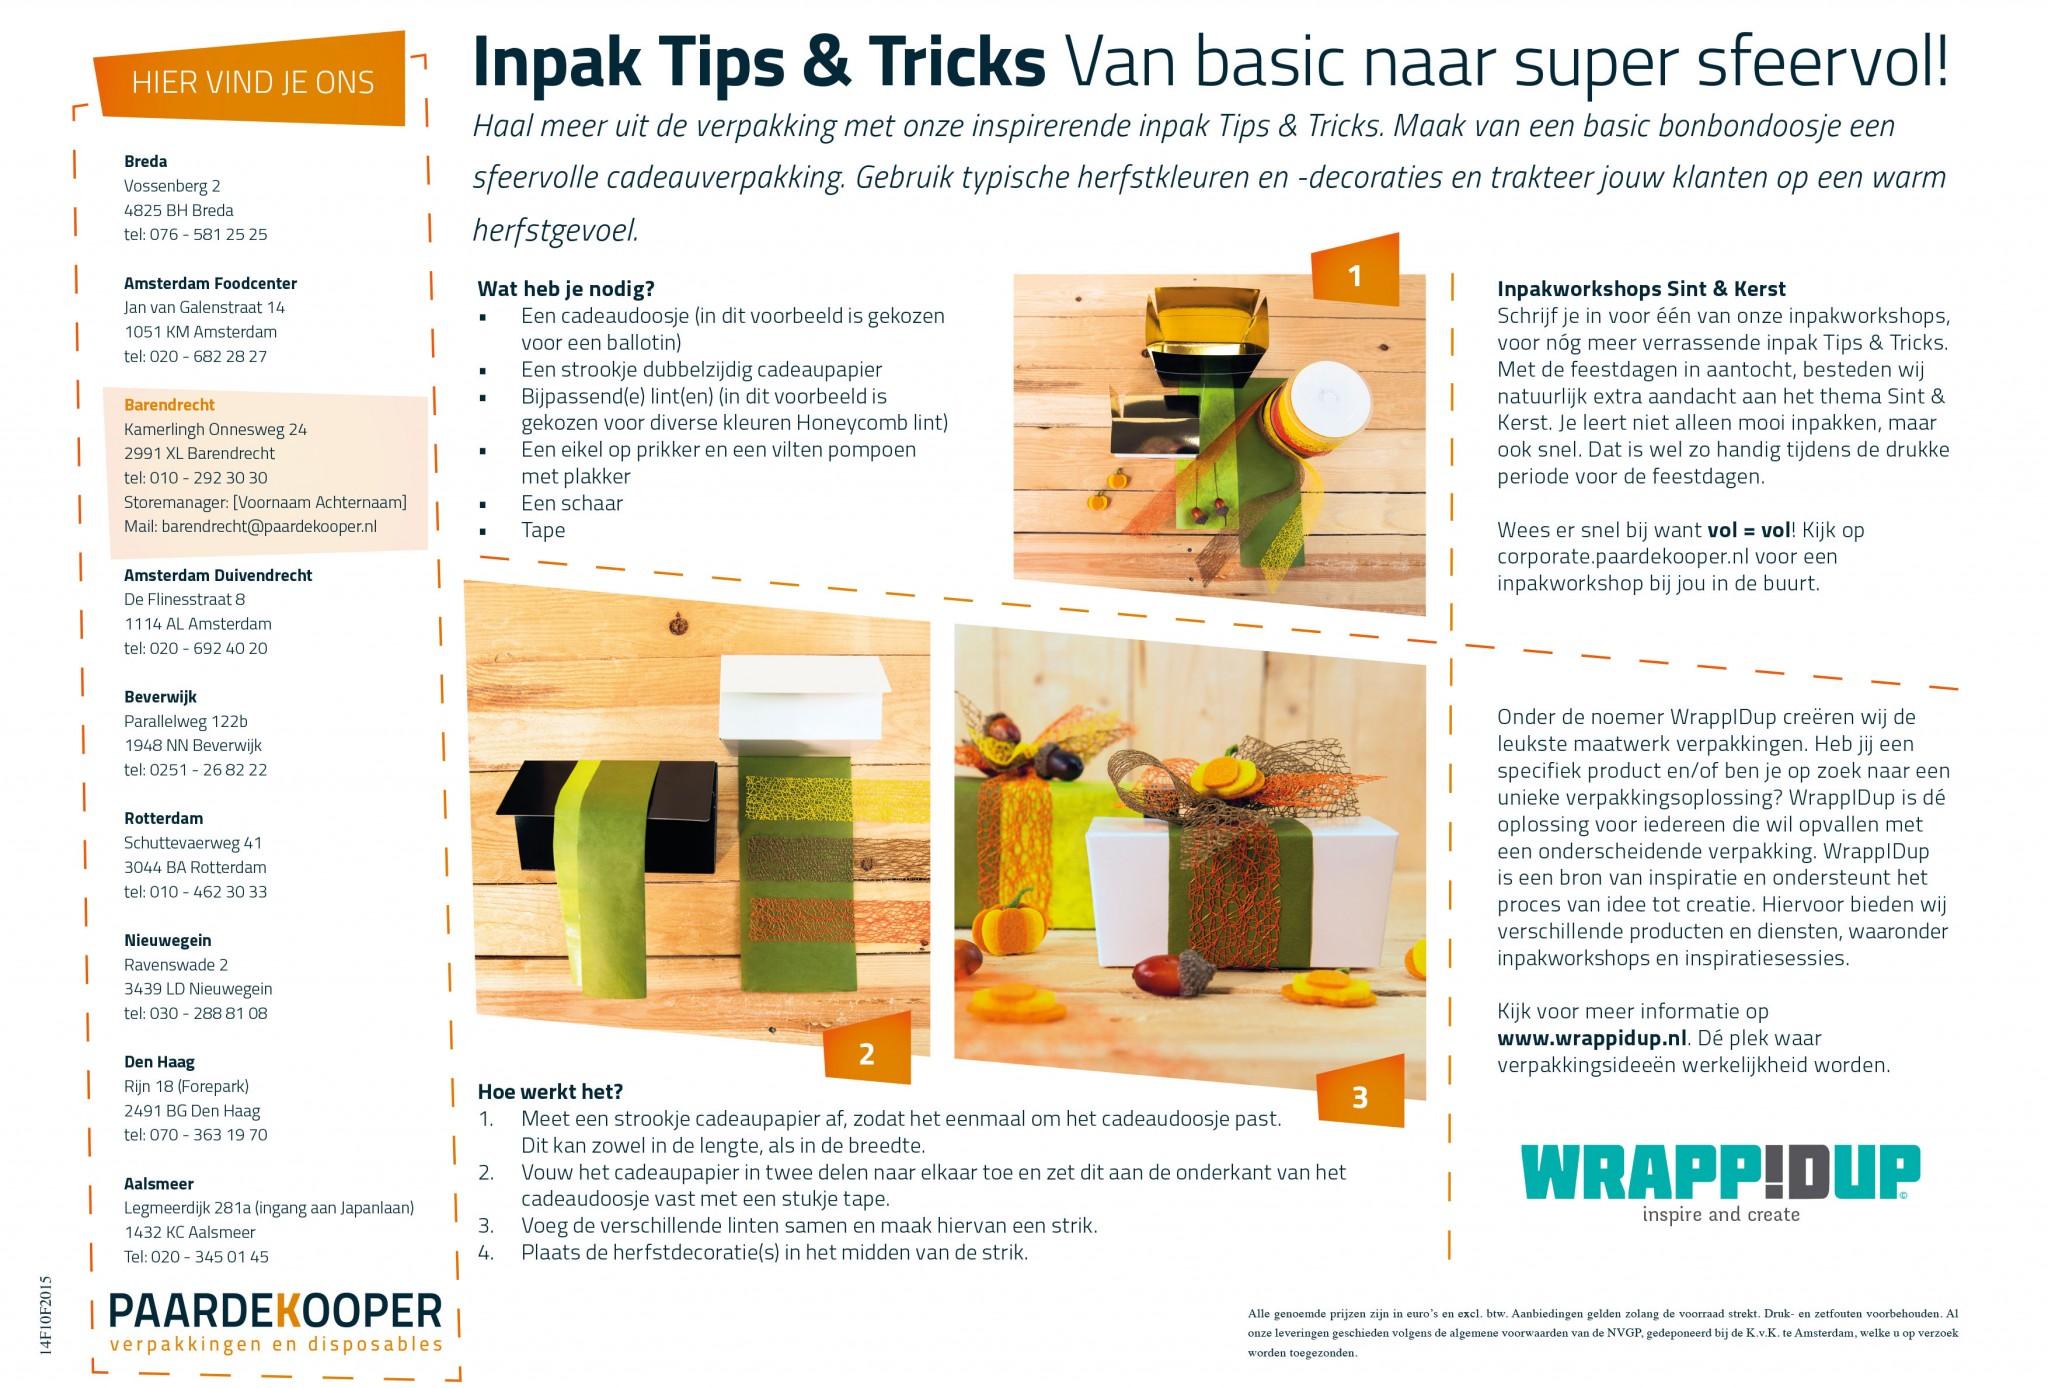 tips en tricks, van basic naar super sfeervol